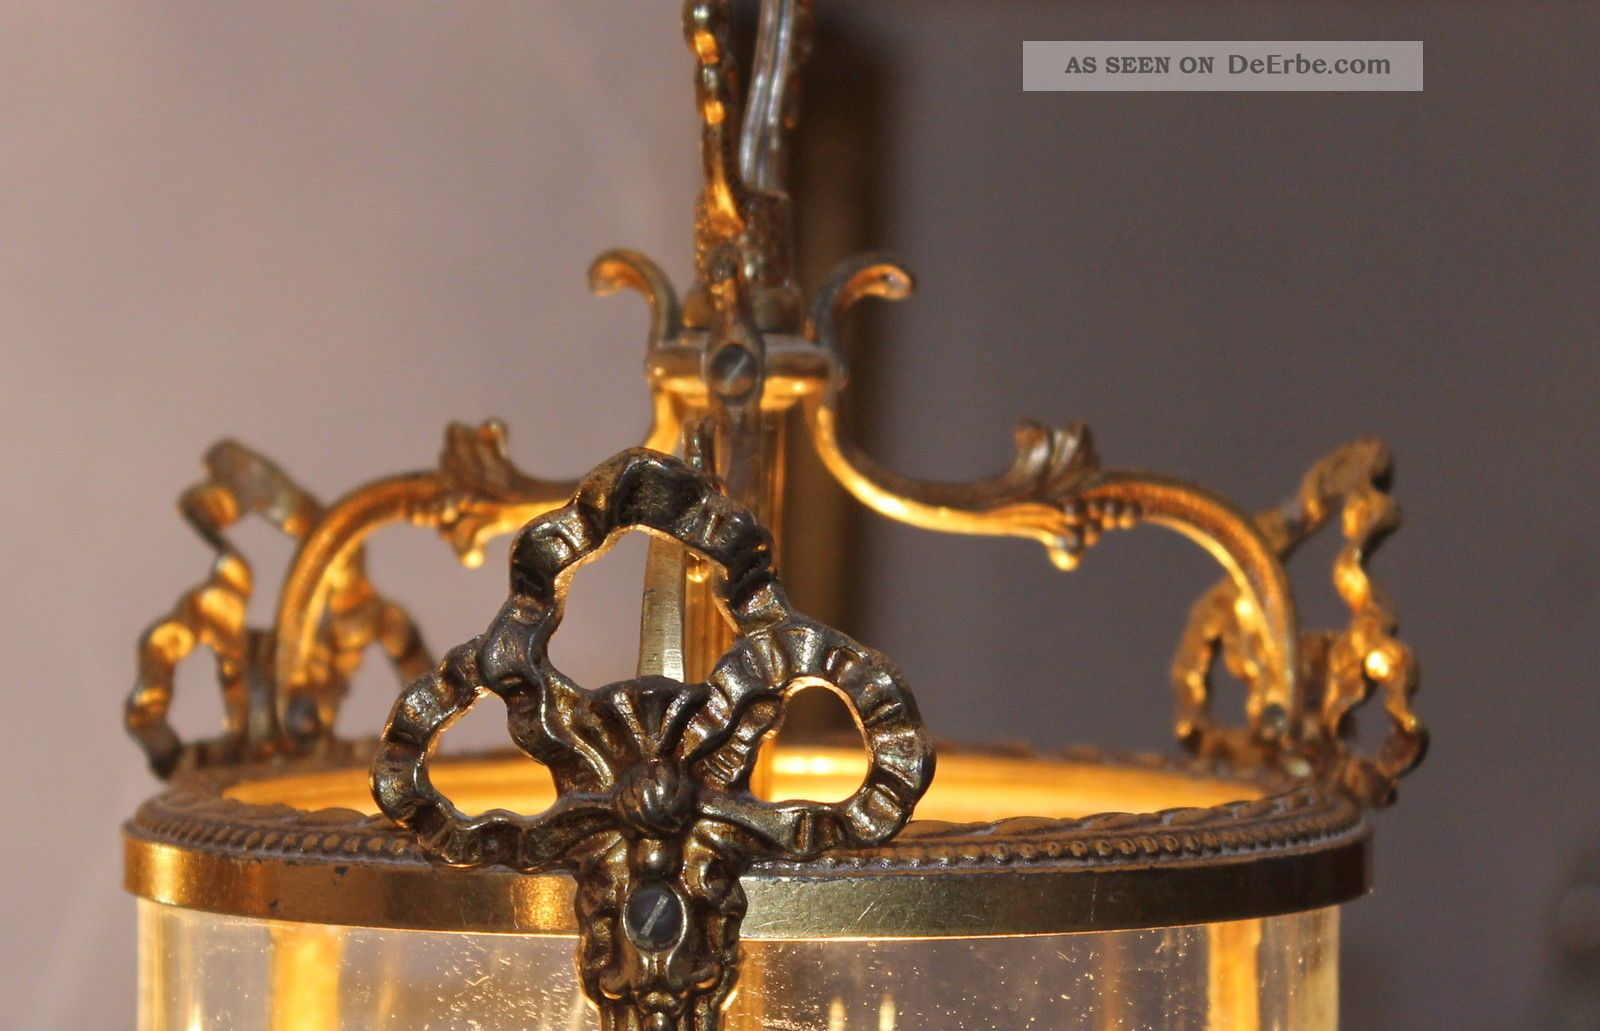 Kronleuchter Jugendstil ~ Traumhafte antike laterne kronleuchter jugendstil louis xvi